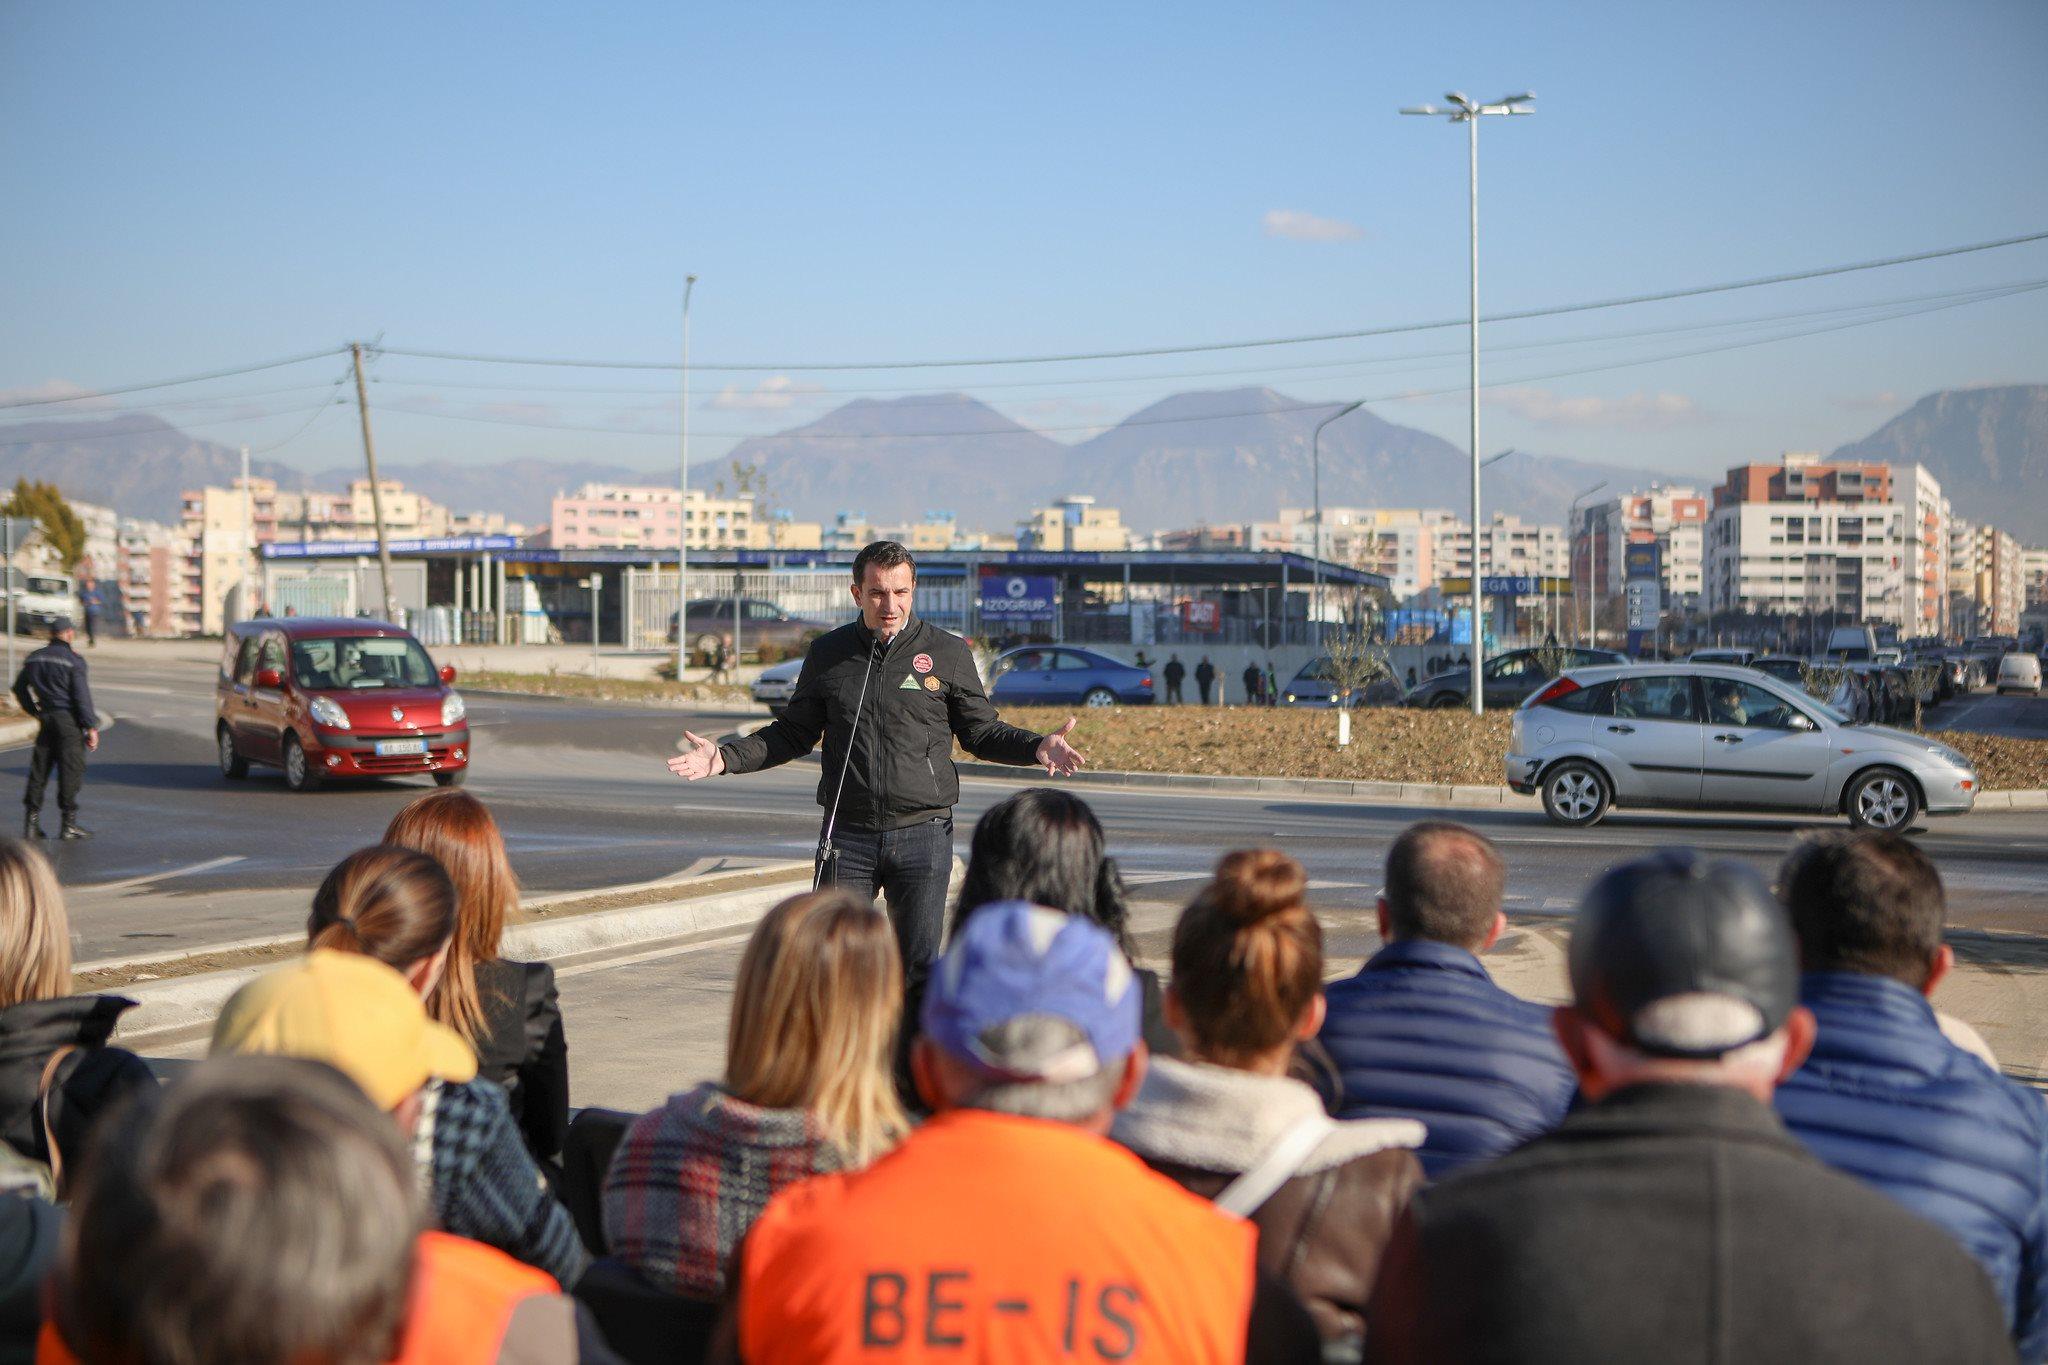 """Hapet bulevardi """"Migjeni"""" në Kashar. lidh Unazën e Re me Yzberishin. përfitojnë 80 mijë banorë - ATSH"""